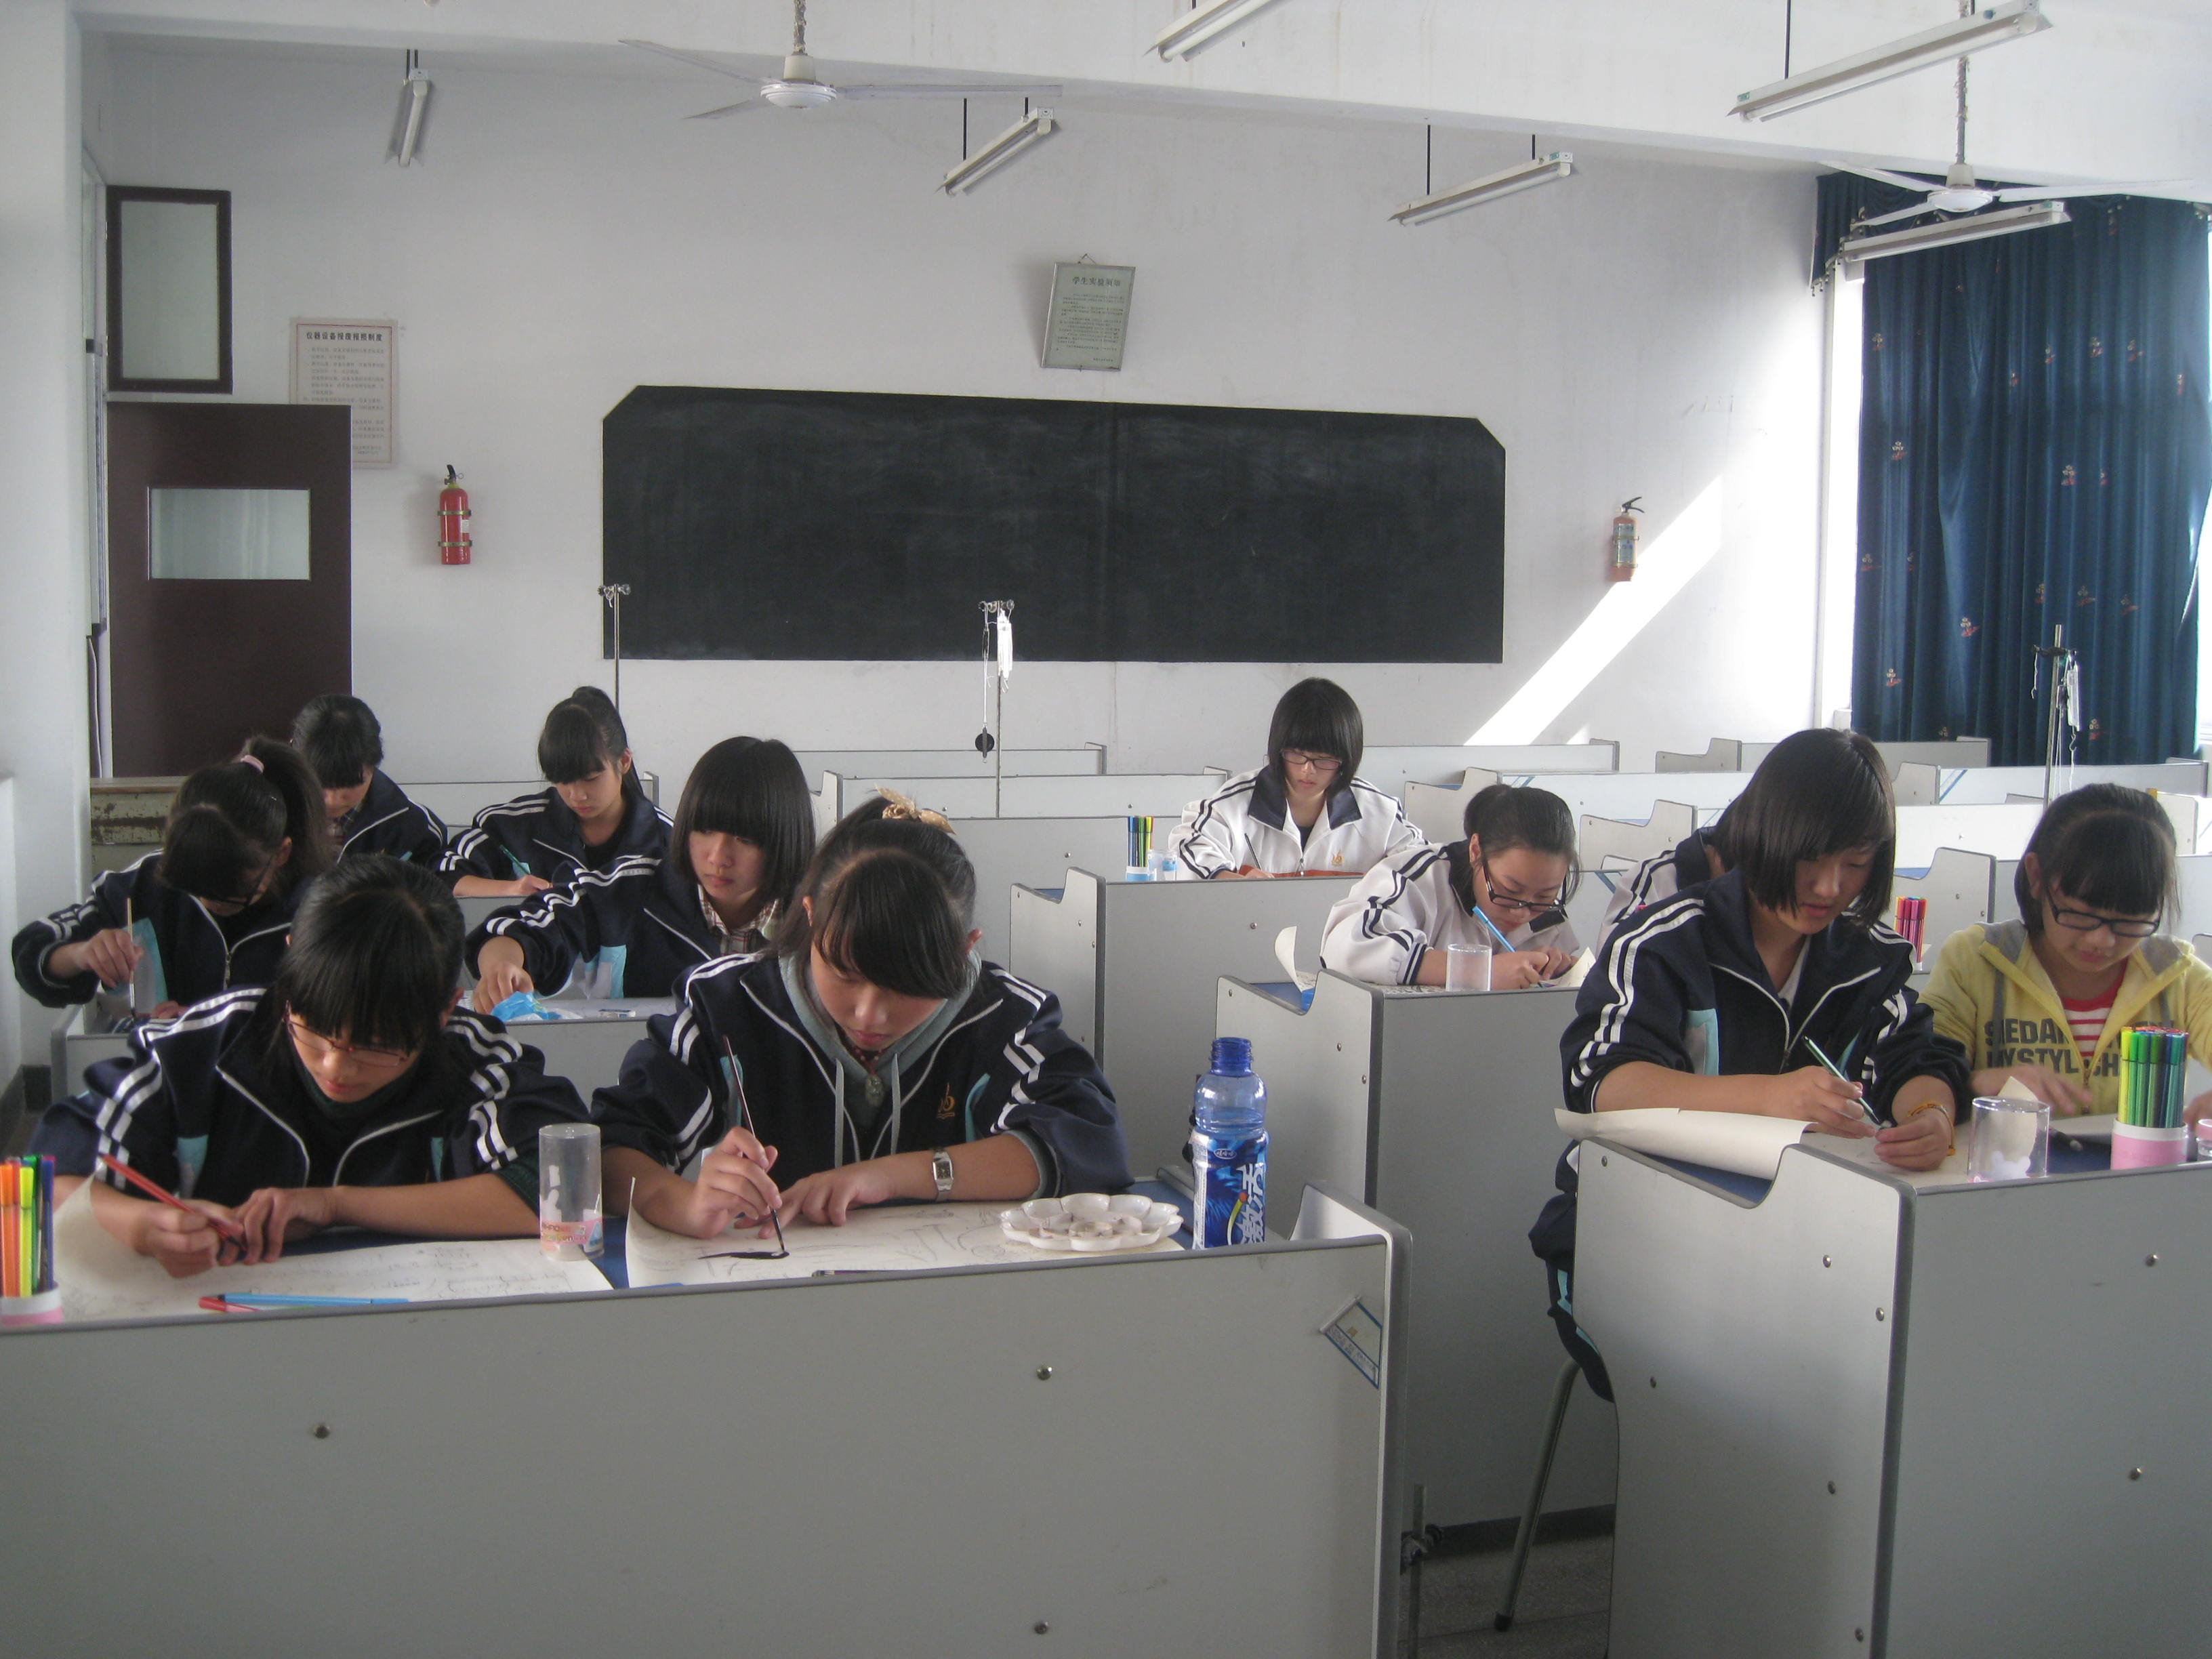 持科幻画笔 绘心中梦想 德清县士林中学科技节报道